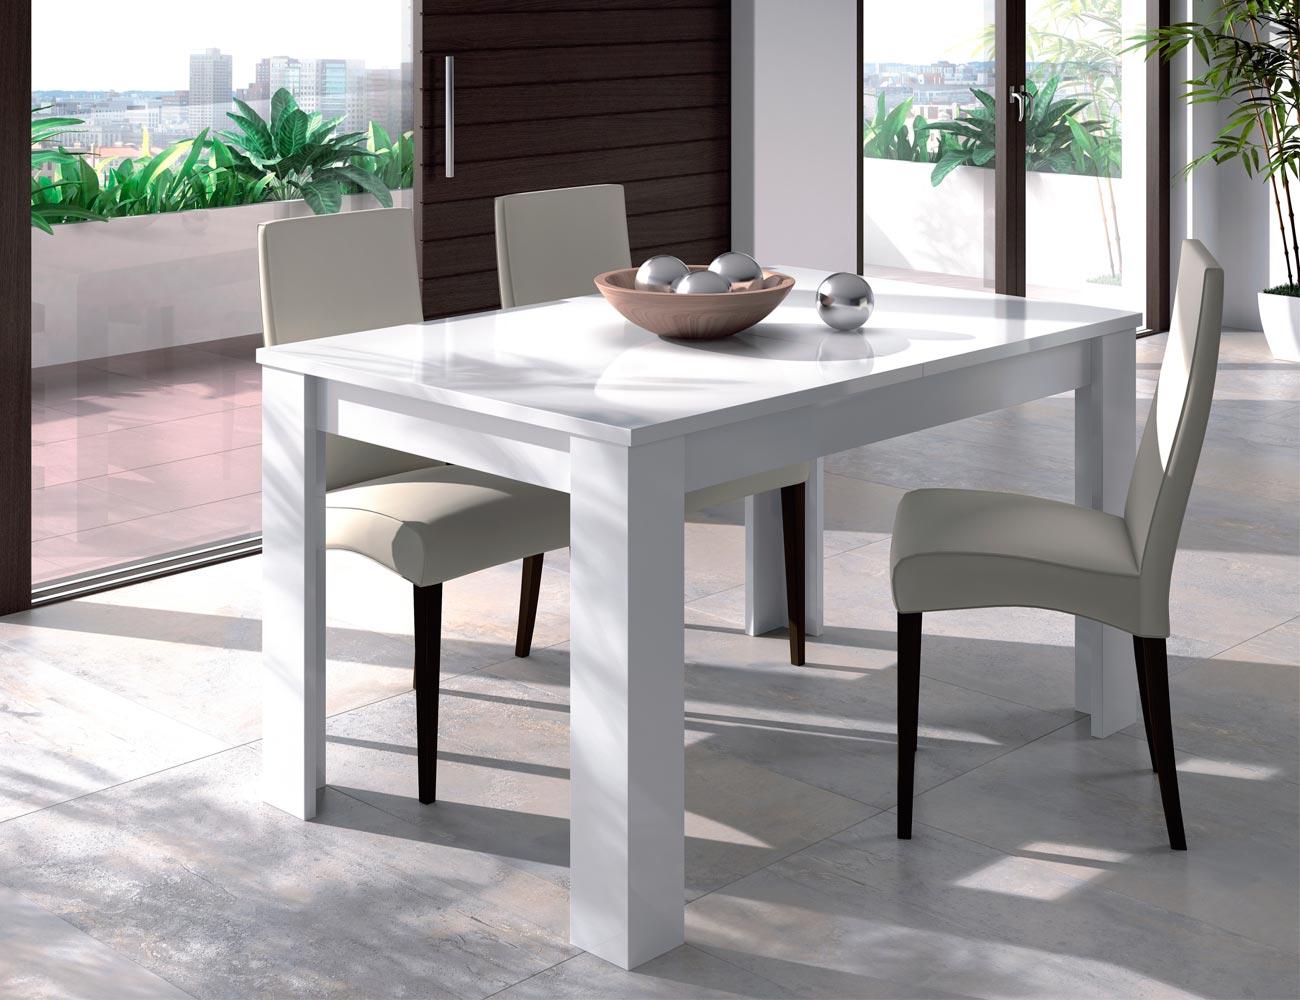 Muebles comedor blanco mueble salon comedor cambrian for Comedor vintage blanco